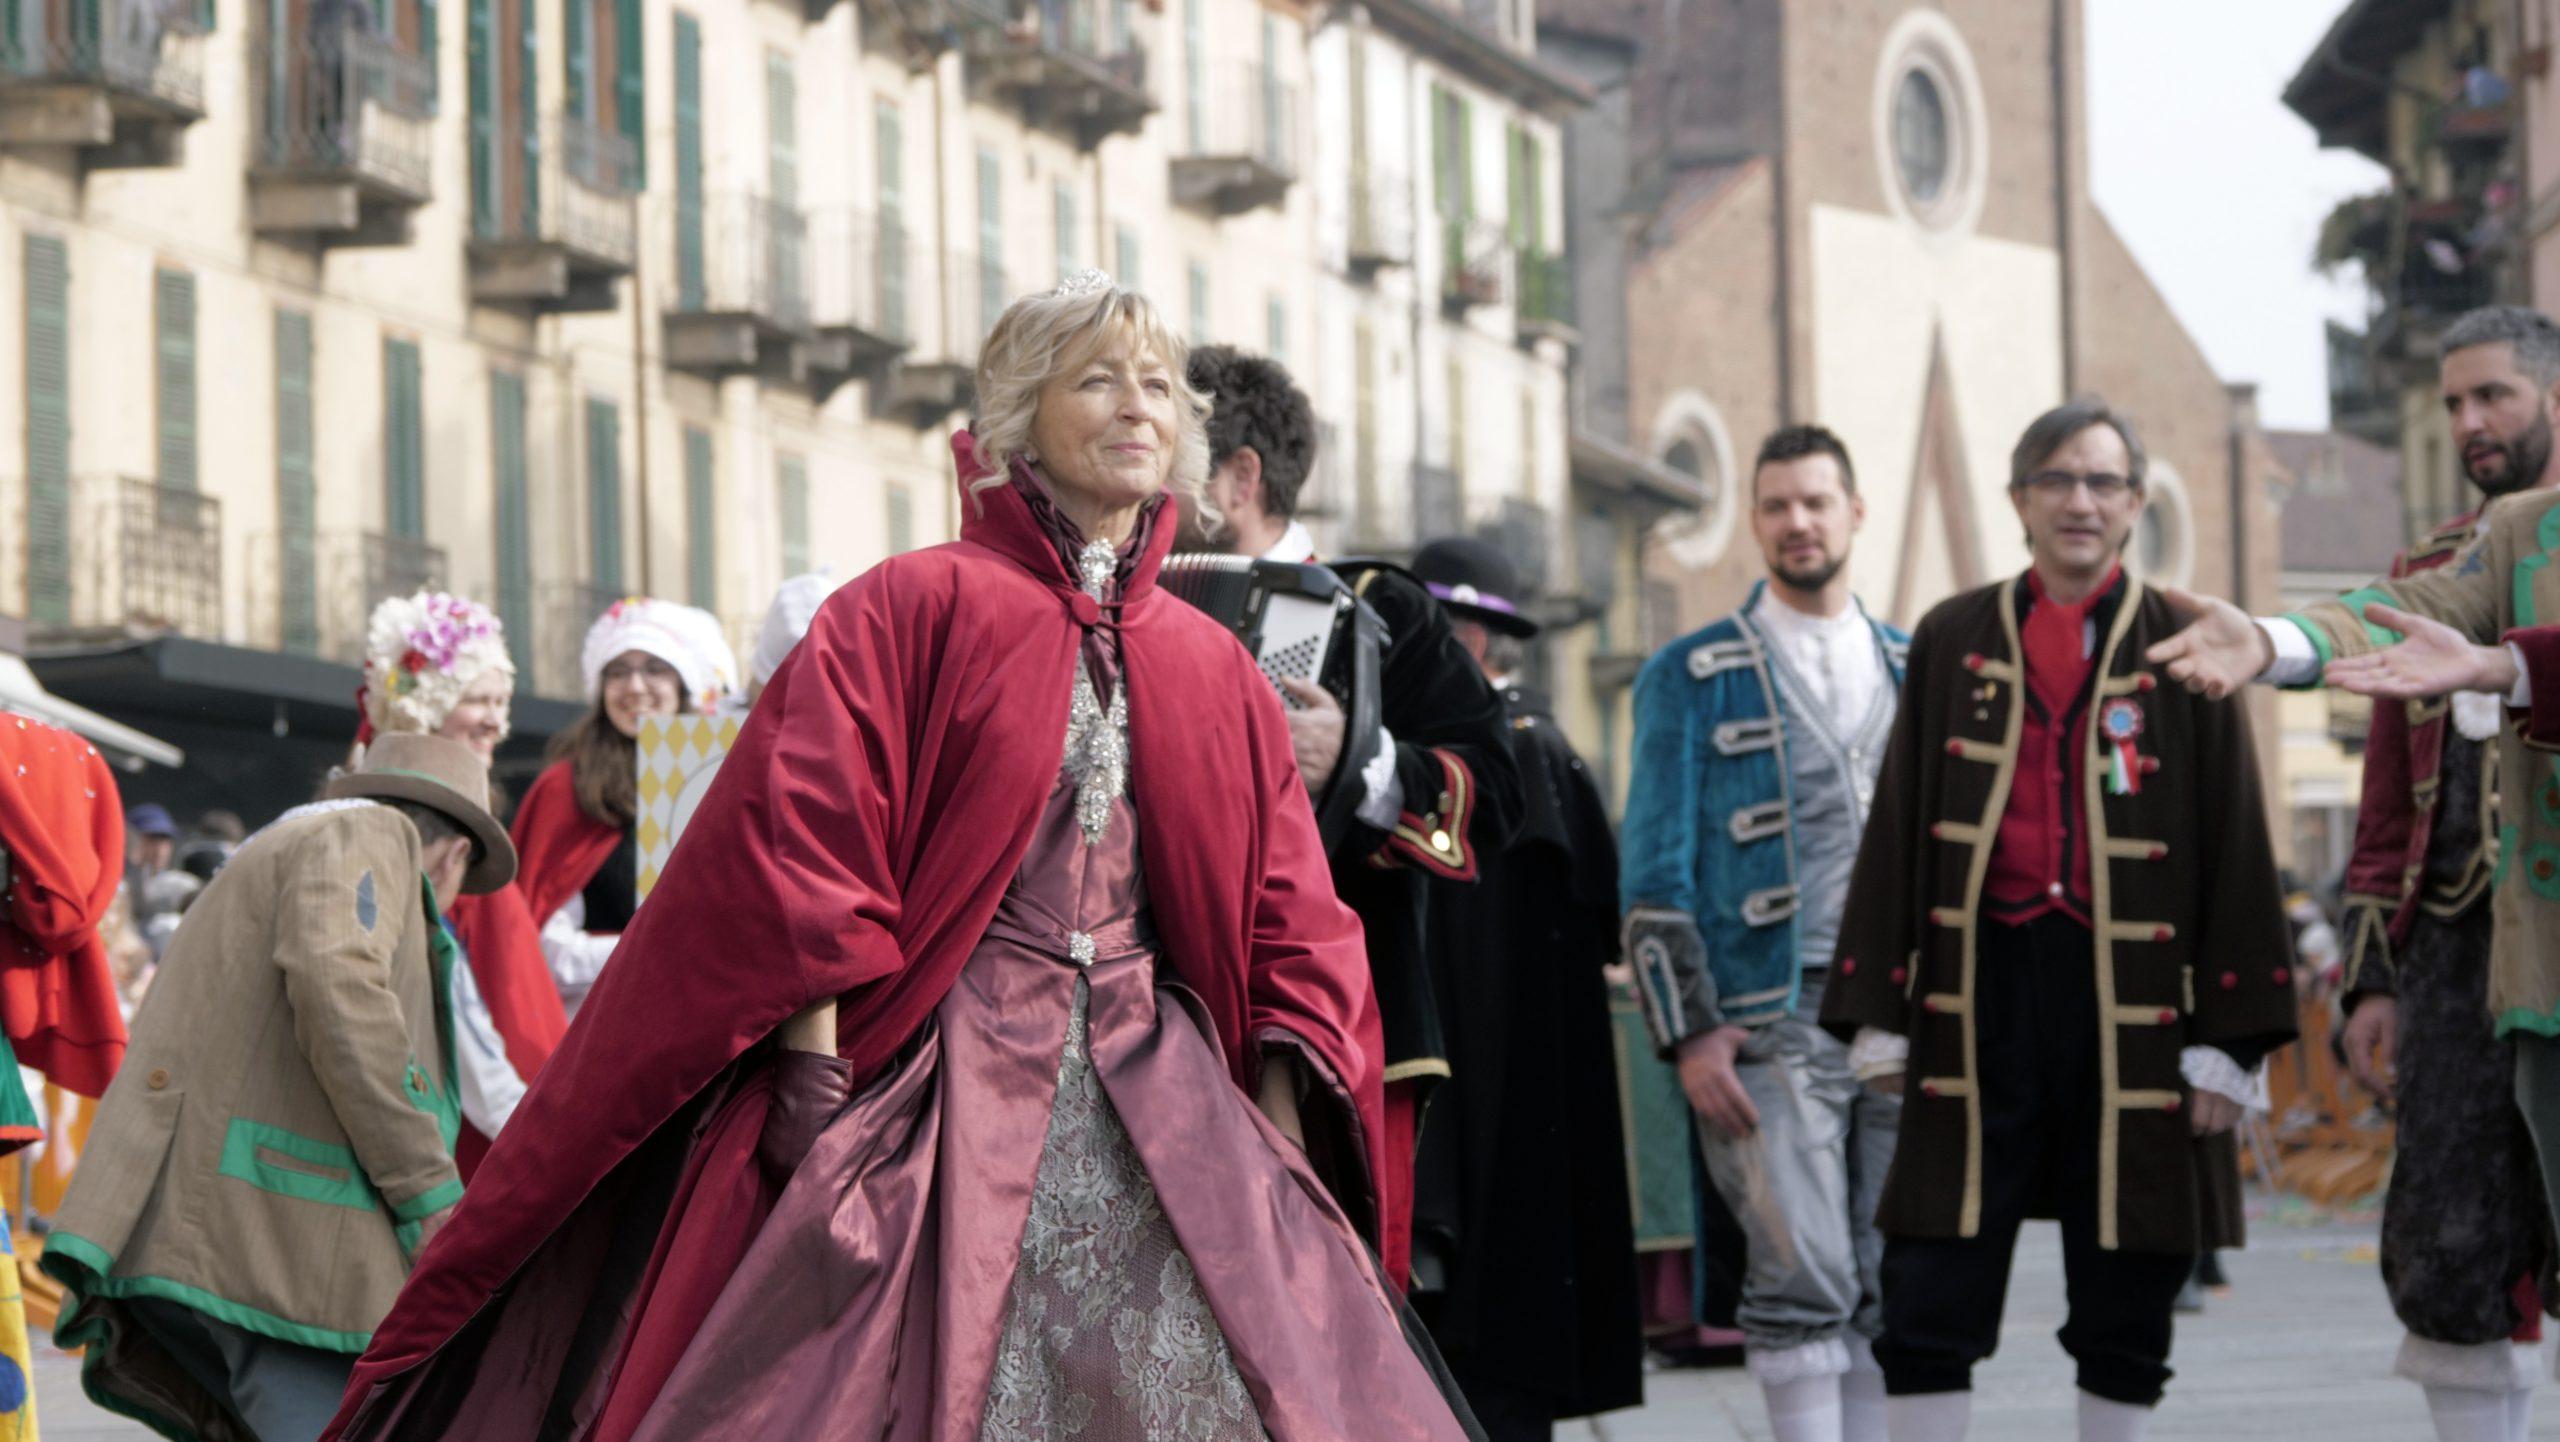 Il Carnevale indoor di Saluzzo e Rivoli si avvicina: al via il 7 febbraio